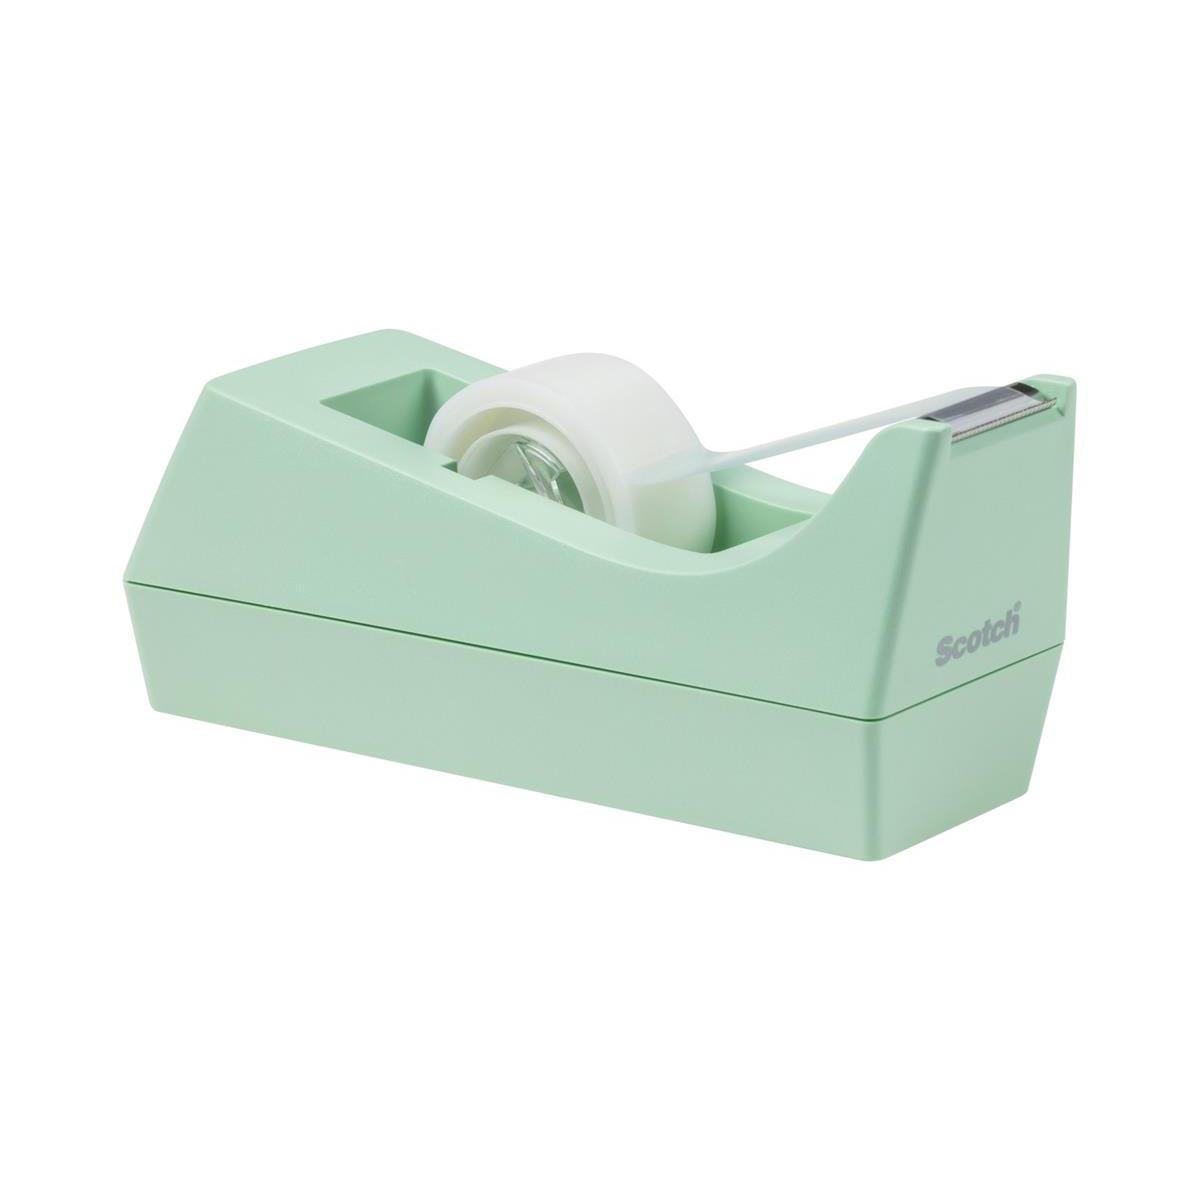 Scotch Weighted Tape Dispenser C38 Mint Plus 1 x Scotch Magic Tape 19mmx8.89m Ref C38-M-EU